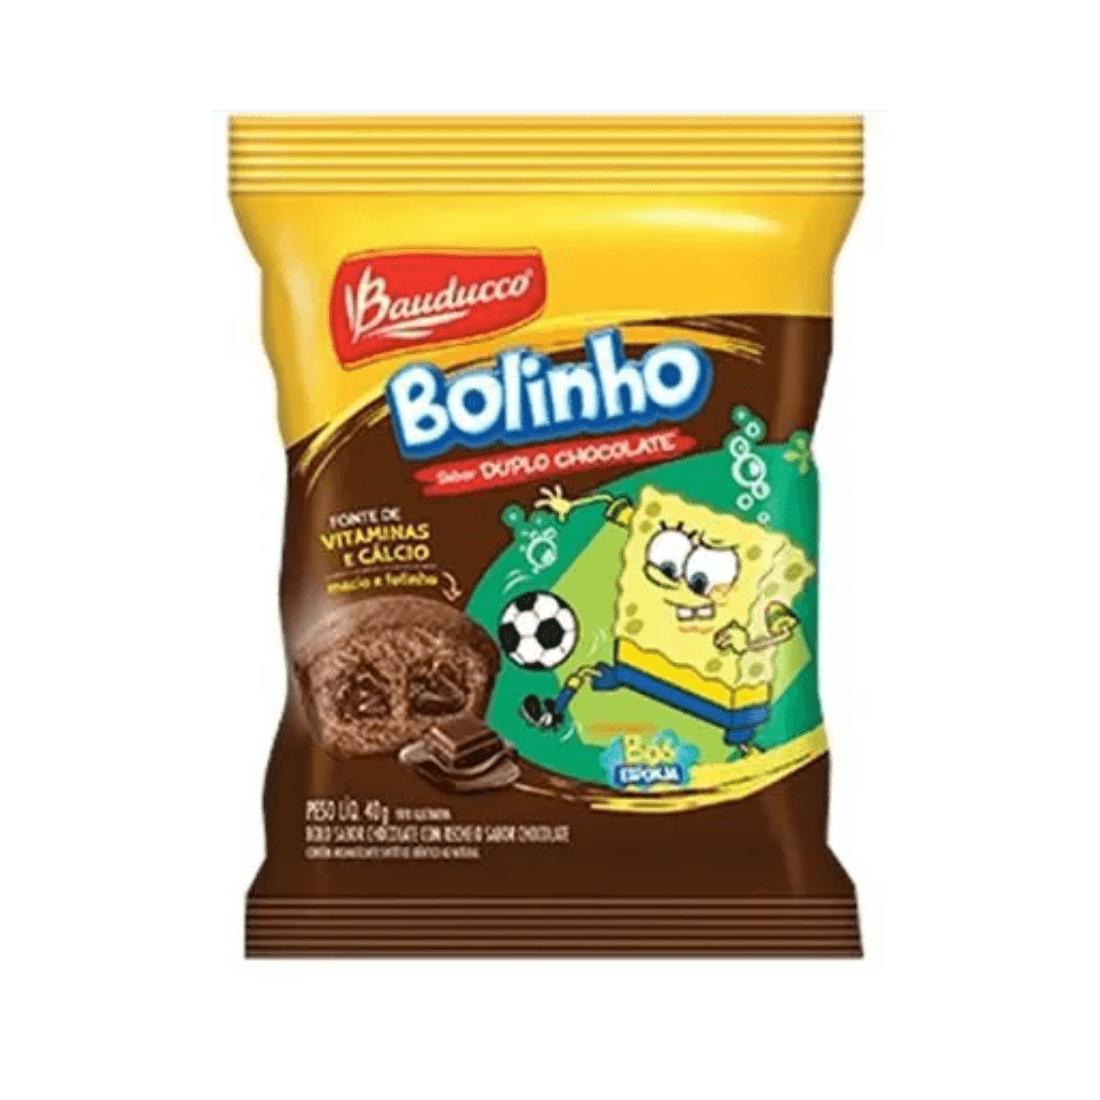 BOLINHO DUPLO CHOCOLATE BAUDUCCO 30G CAIXA 14 UNIDADES